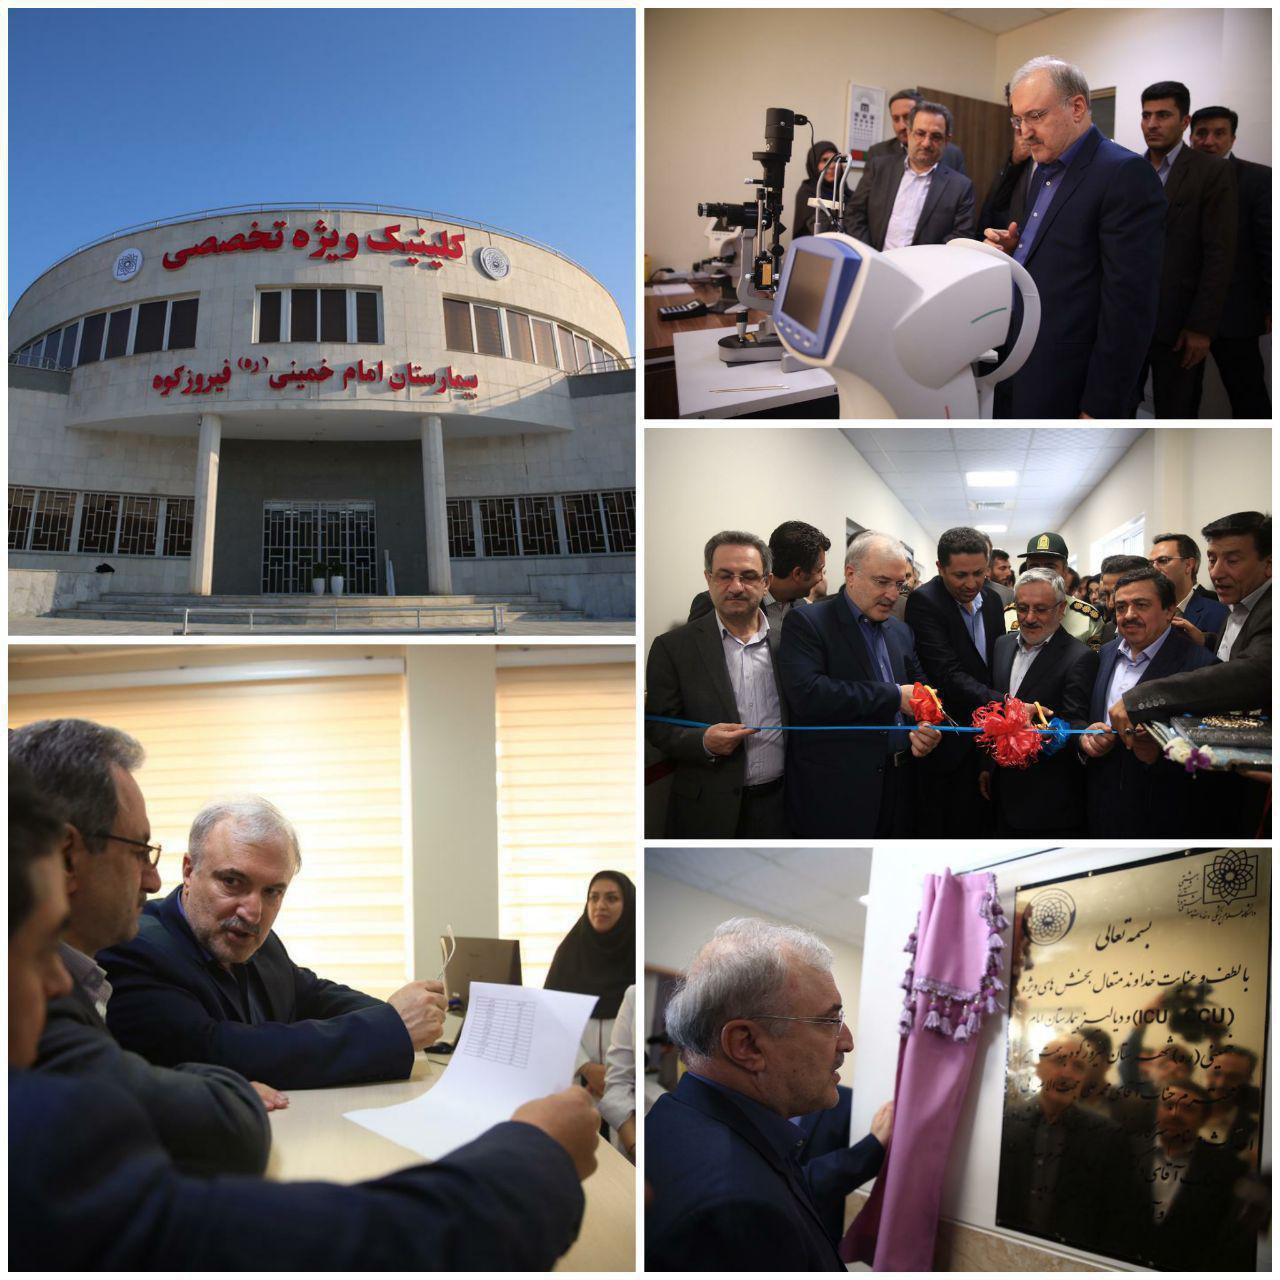 افتتاح بخشهای جدید بیمارستان امام فیروزکوه با حضور وزیر بهداشت